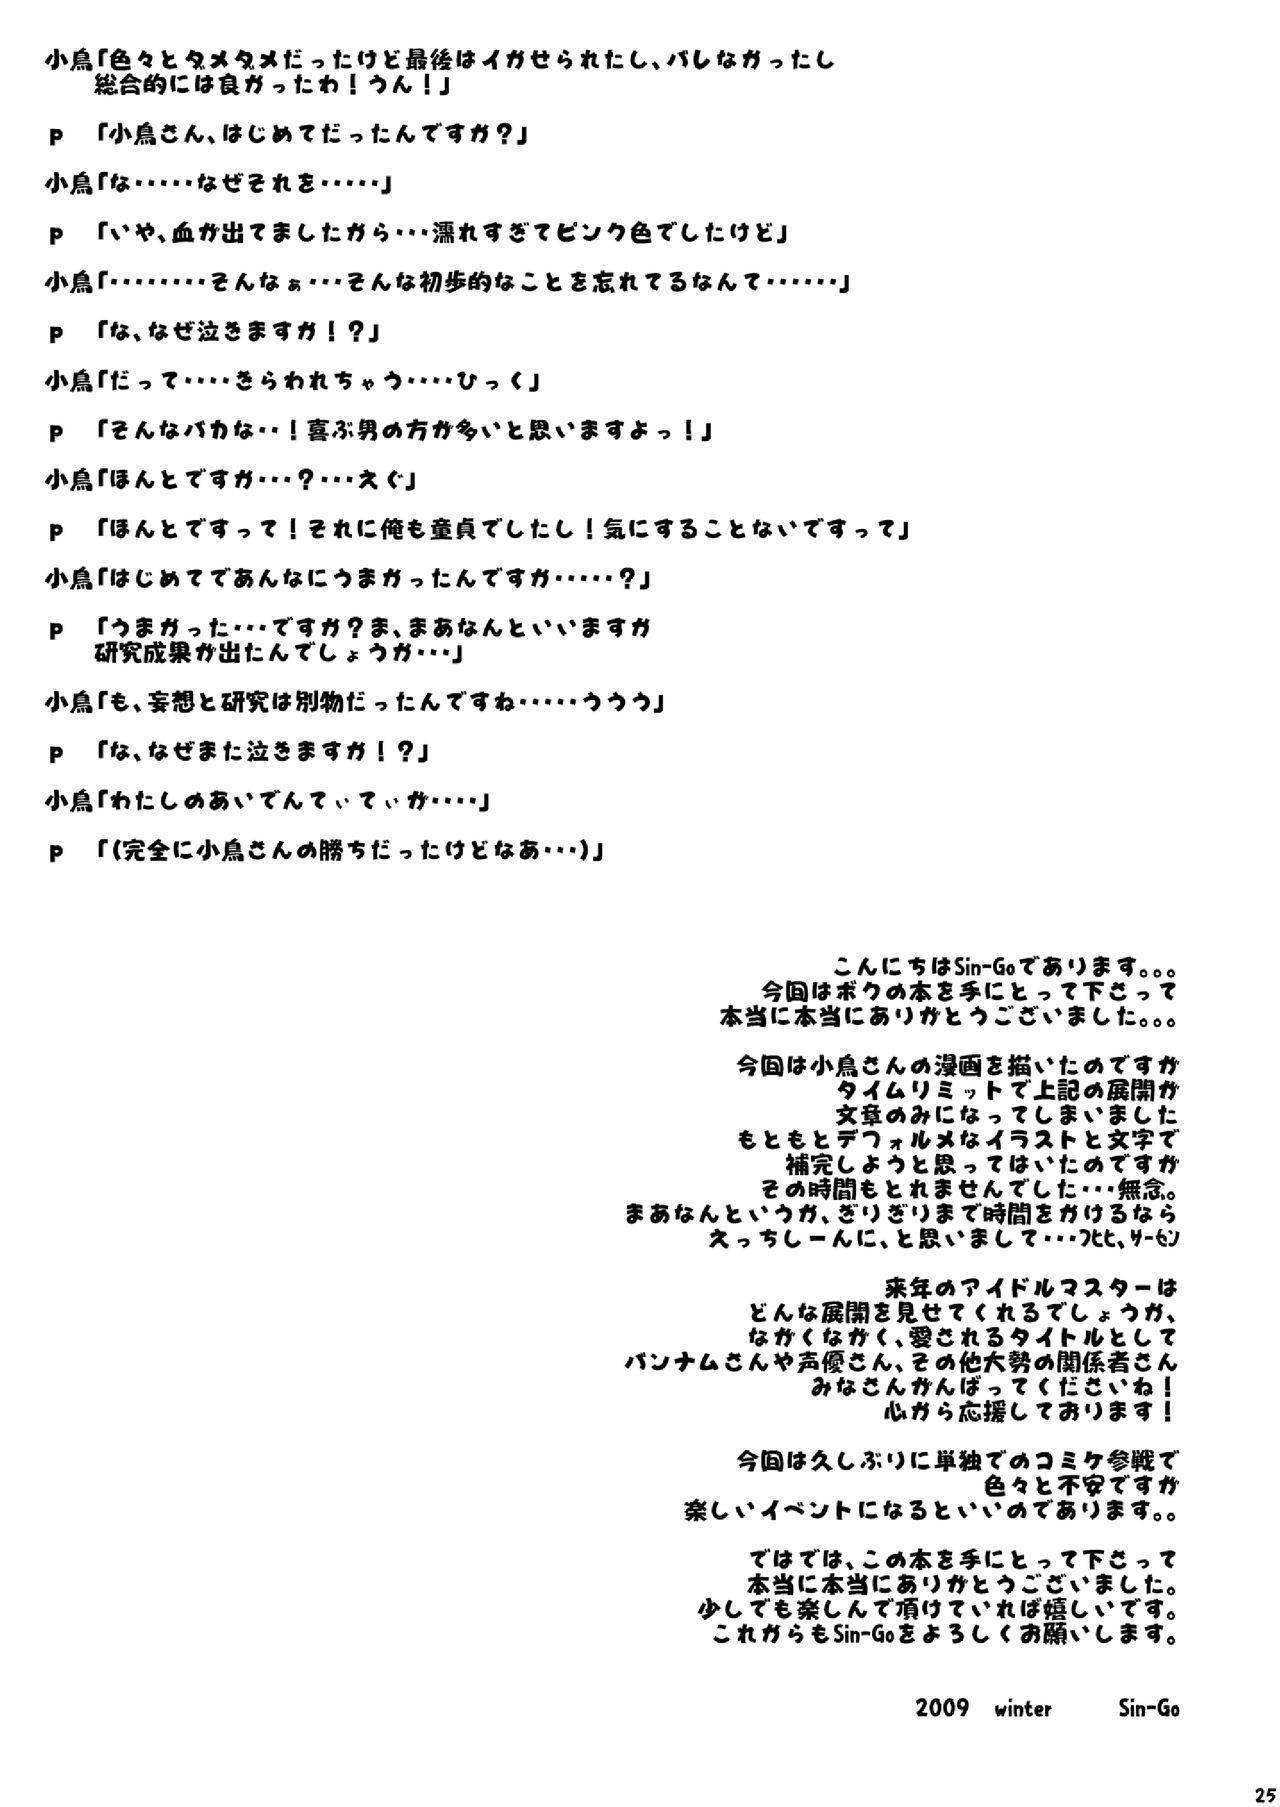 Kotori-san no Risou to Genjitsu 24